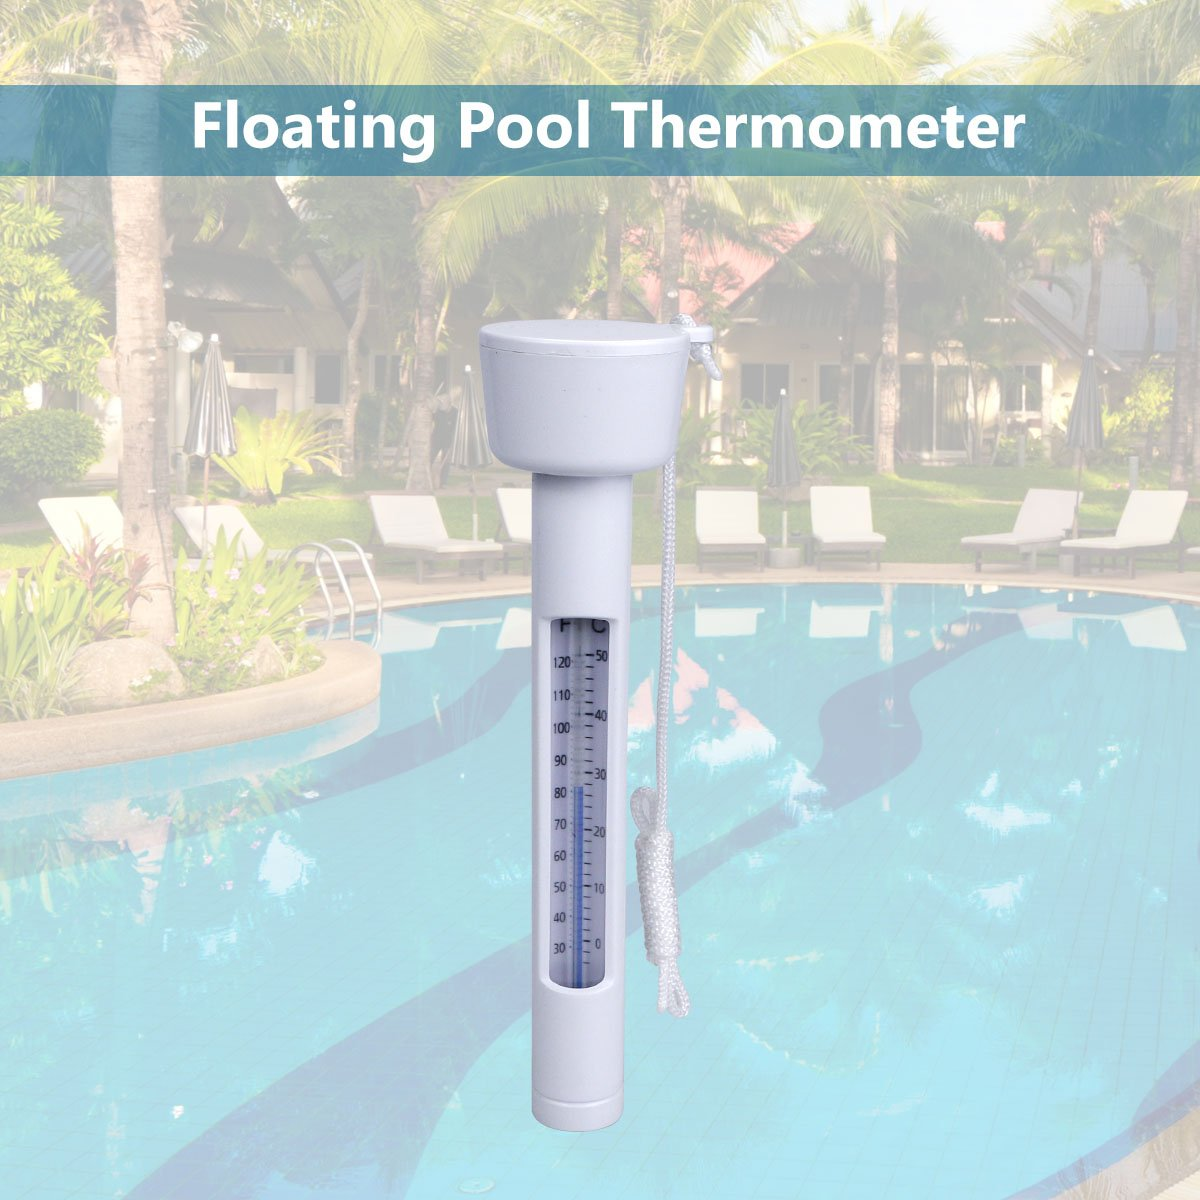 Magicfun Thermomètre Flottant de Piscine, avec Une Corde, Résistant aux Chocs pour Tous Les & piscines, Spas, Hot Tubs, Aquariums & Les Étangs du Poisson